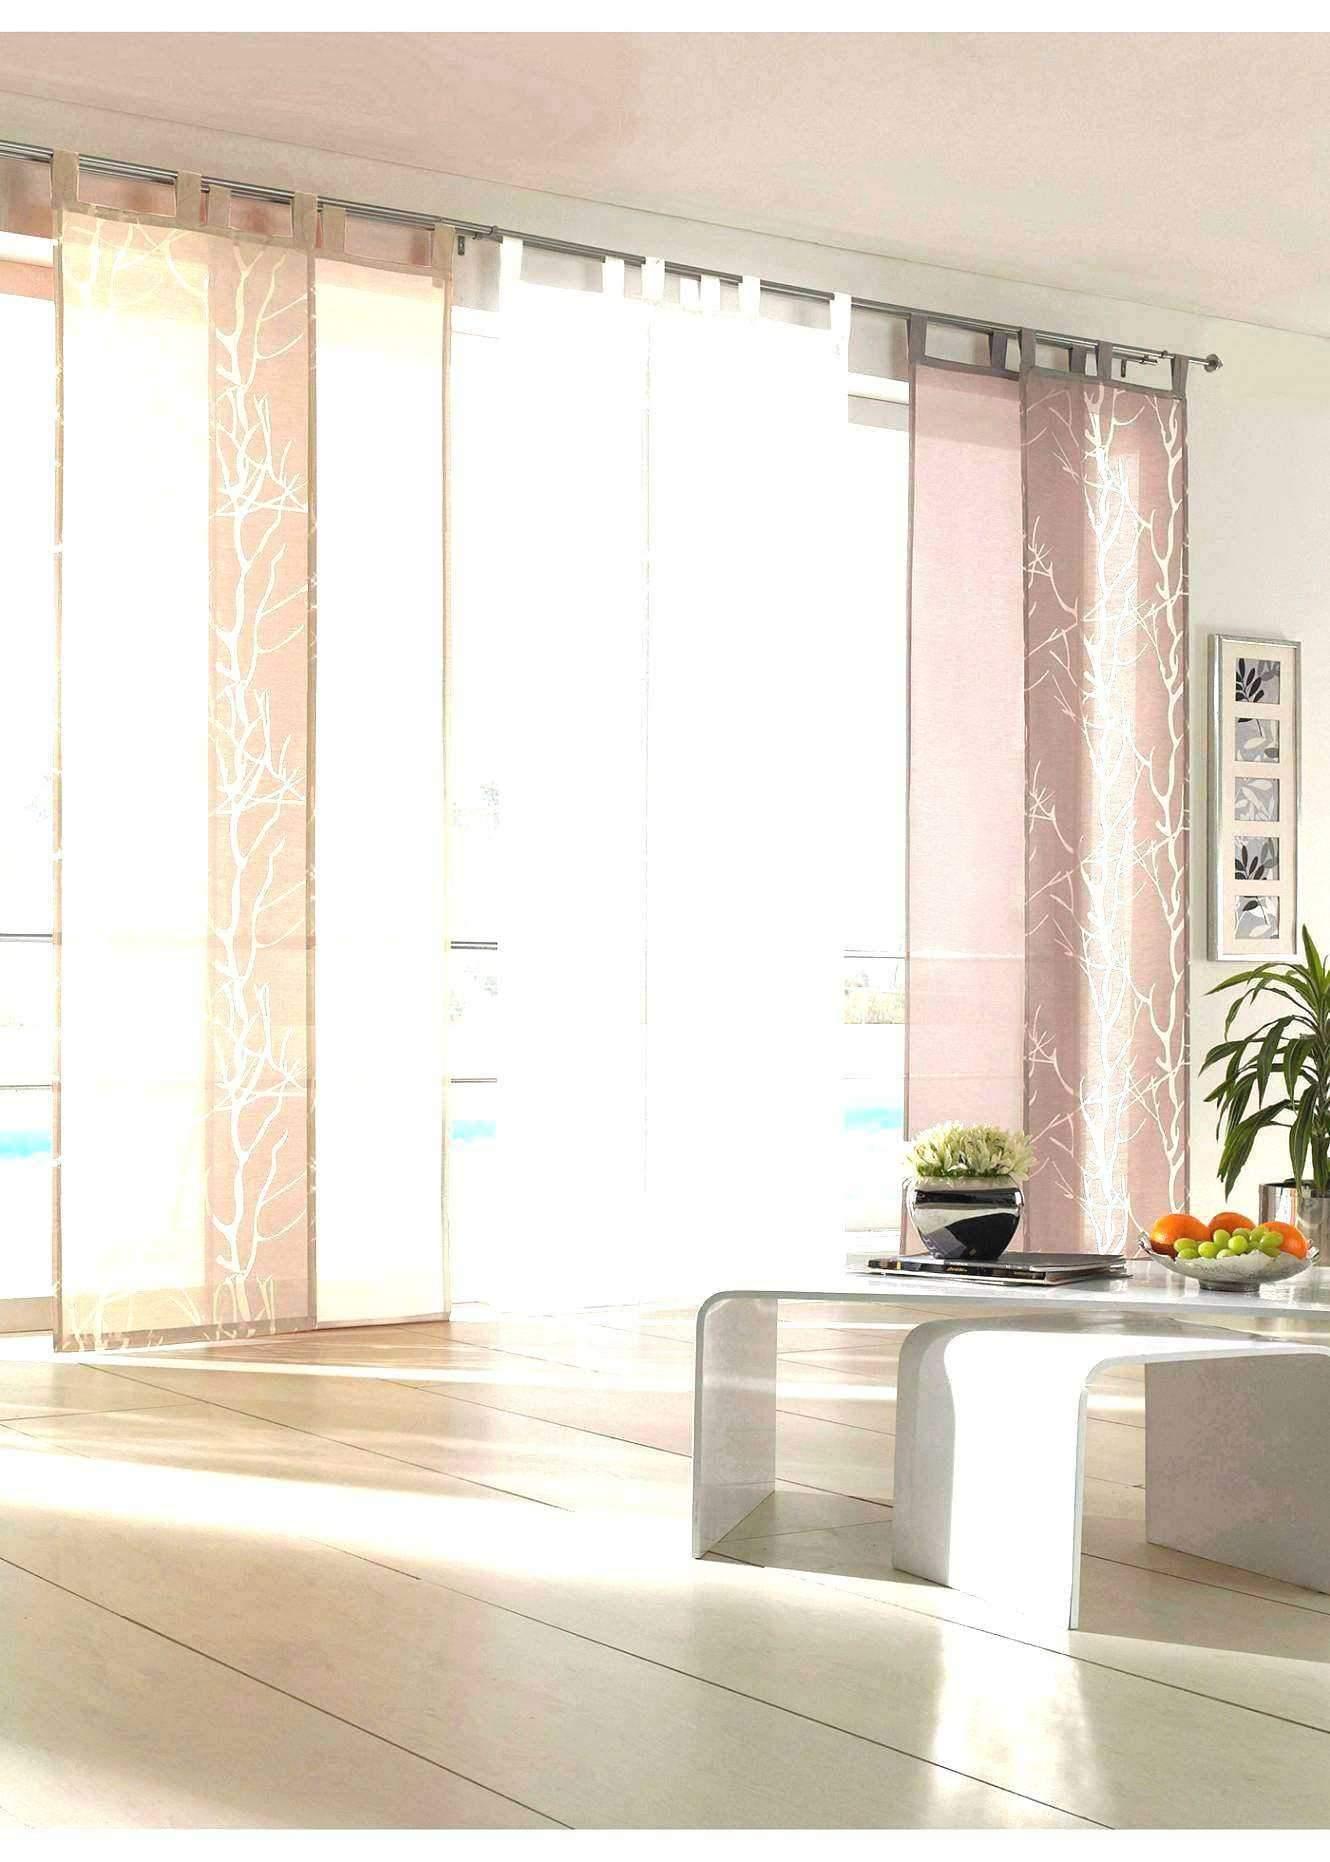 Full Size of Fenster Gardinen Wohnzimmer Einzigartig Neu Einbruchschutz Fliegengitter Maßanfertigung Einbruchsicher Flachdach Rc3 Nachrüsten Sonnenschutz Für Jalousie Fenster Fenster Gardinen